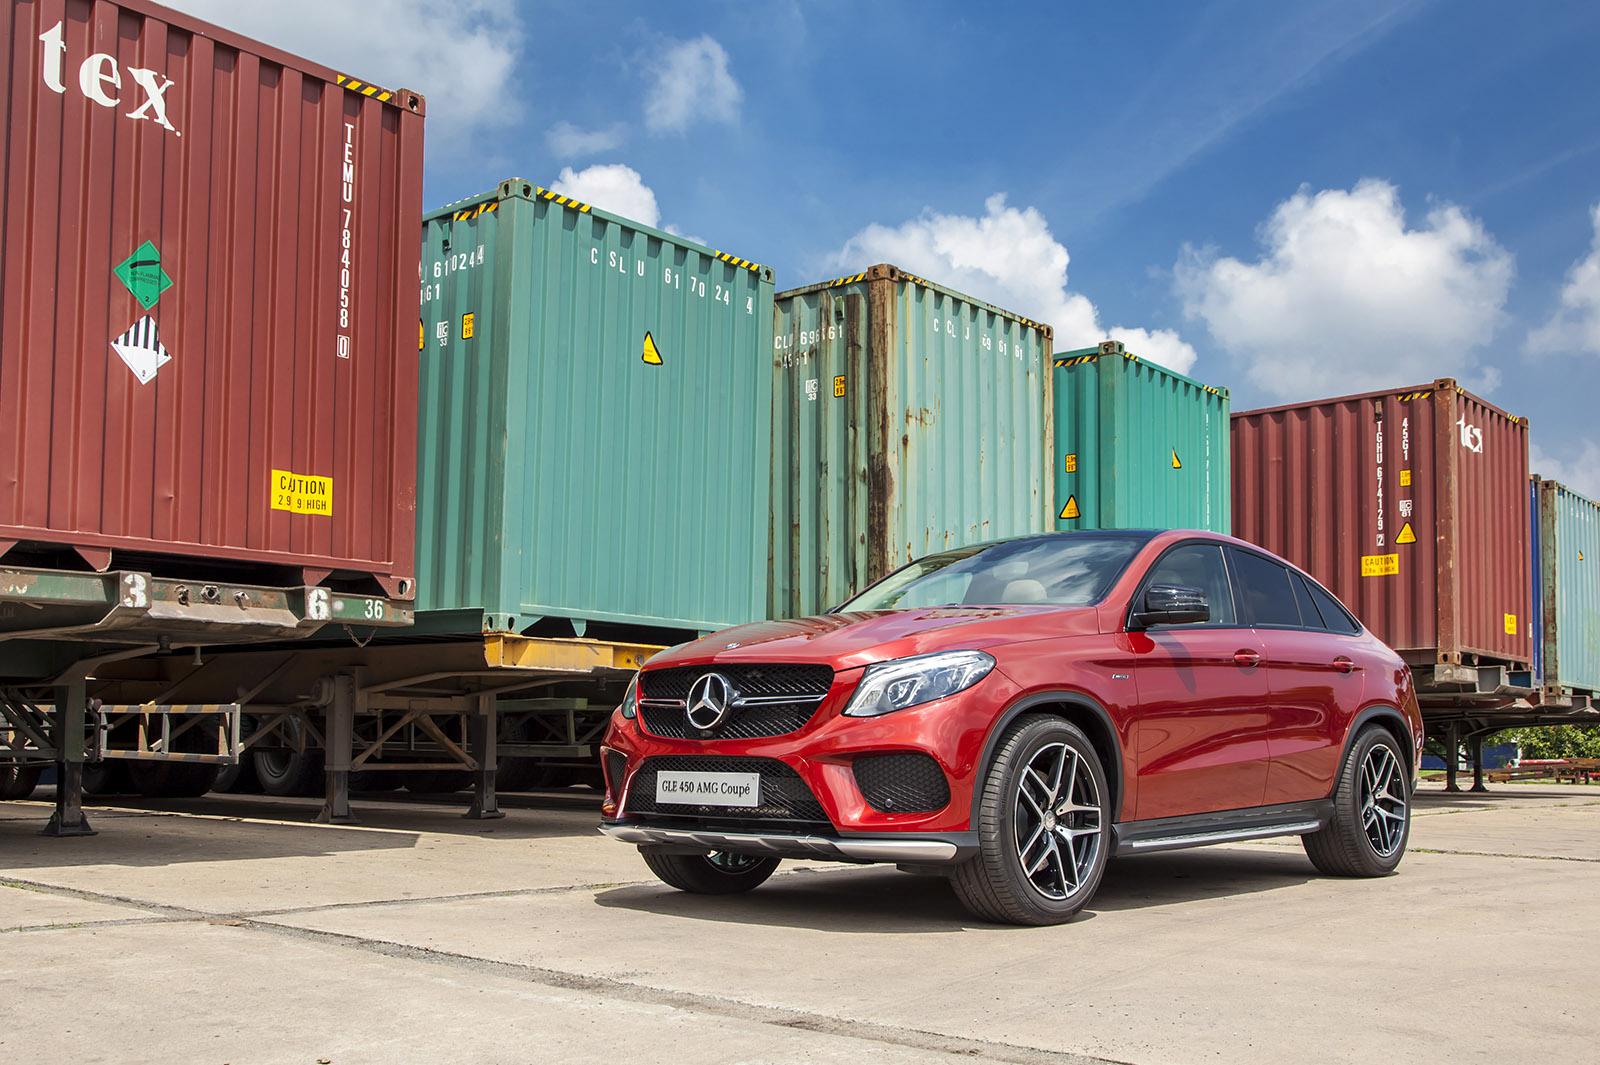 Mercedes-Benz - Chuyen dong cung dang cap thoi thuong_1